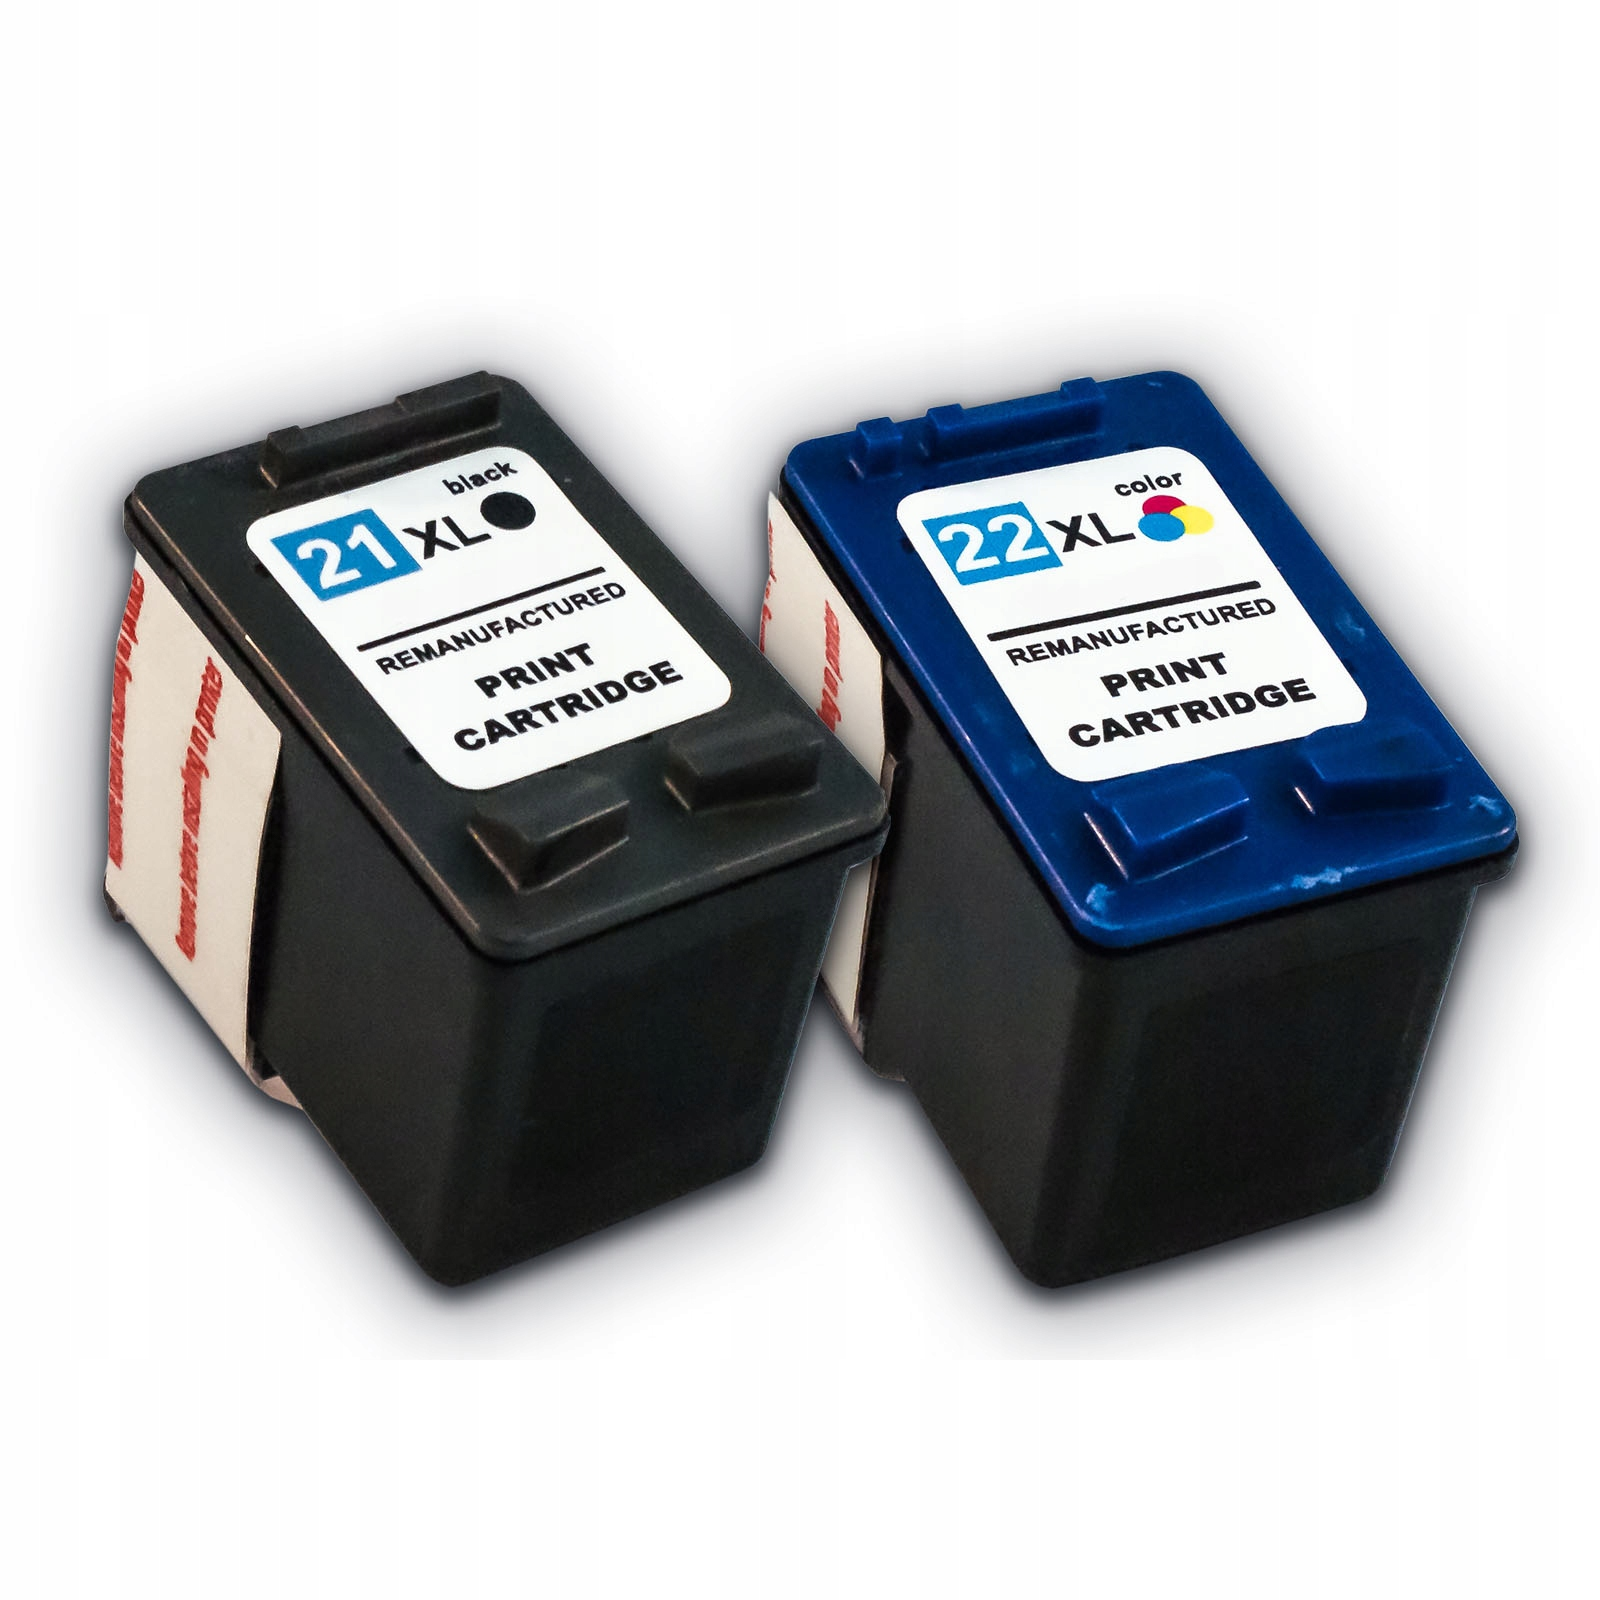 2x чернил для hp 21 xl + hp 22 xl F2180 F2280 F4180